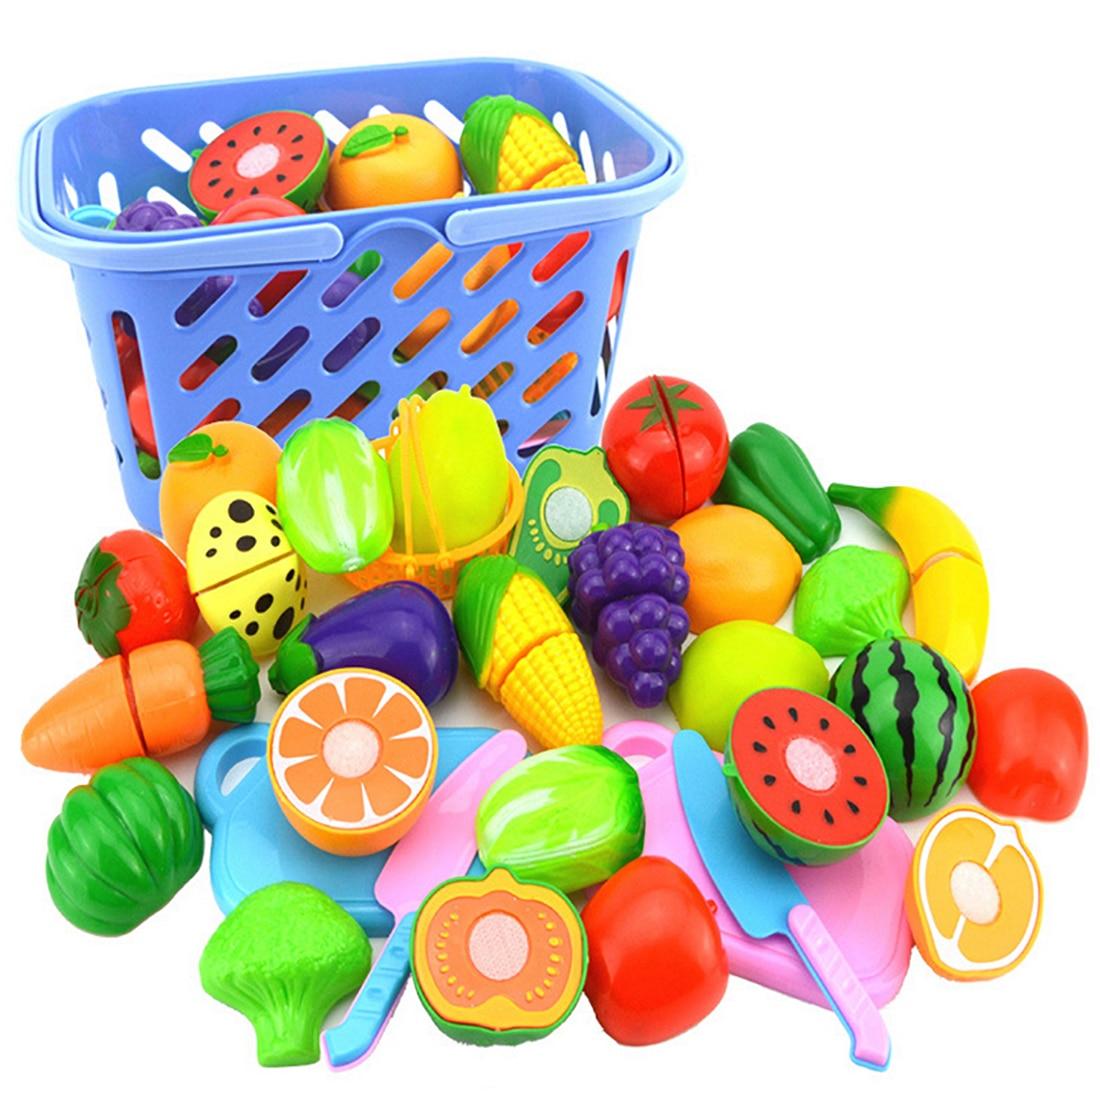 23 Teile/satz Kunststoff Obst Gemüse Schneiden Spielzeug Küche Spielzeug Frühen Entwicklung Bildung Spielzeug Für Baby-farbe Zufällig